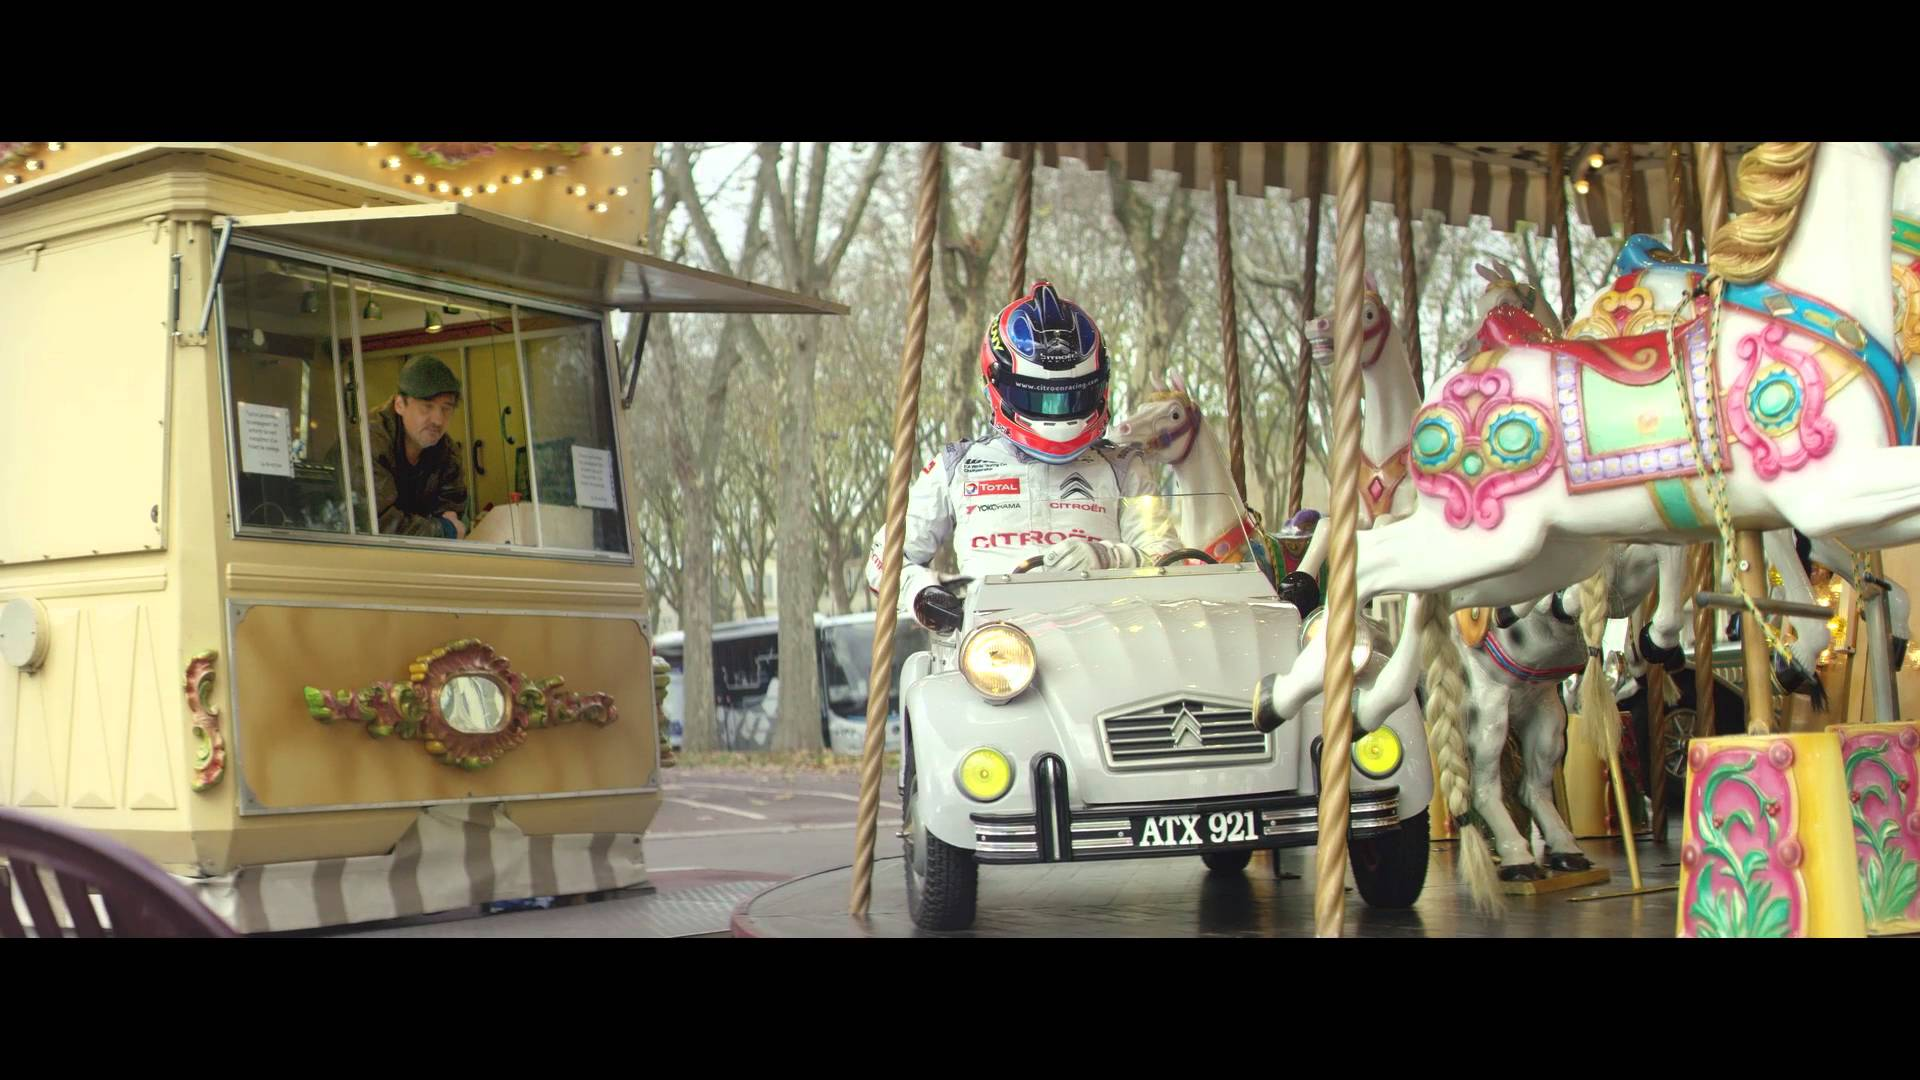 Pub de Citroen – Soyez Creatifs en 2016